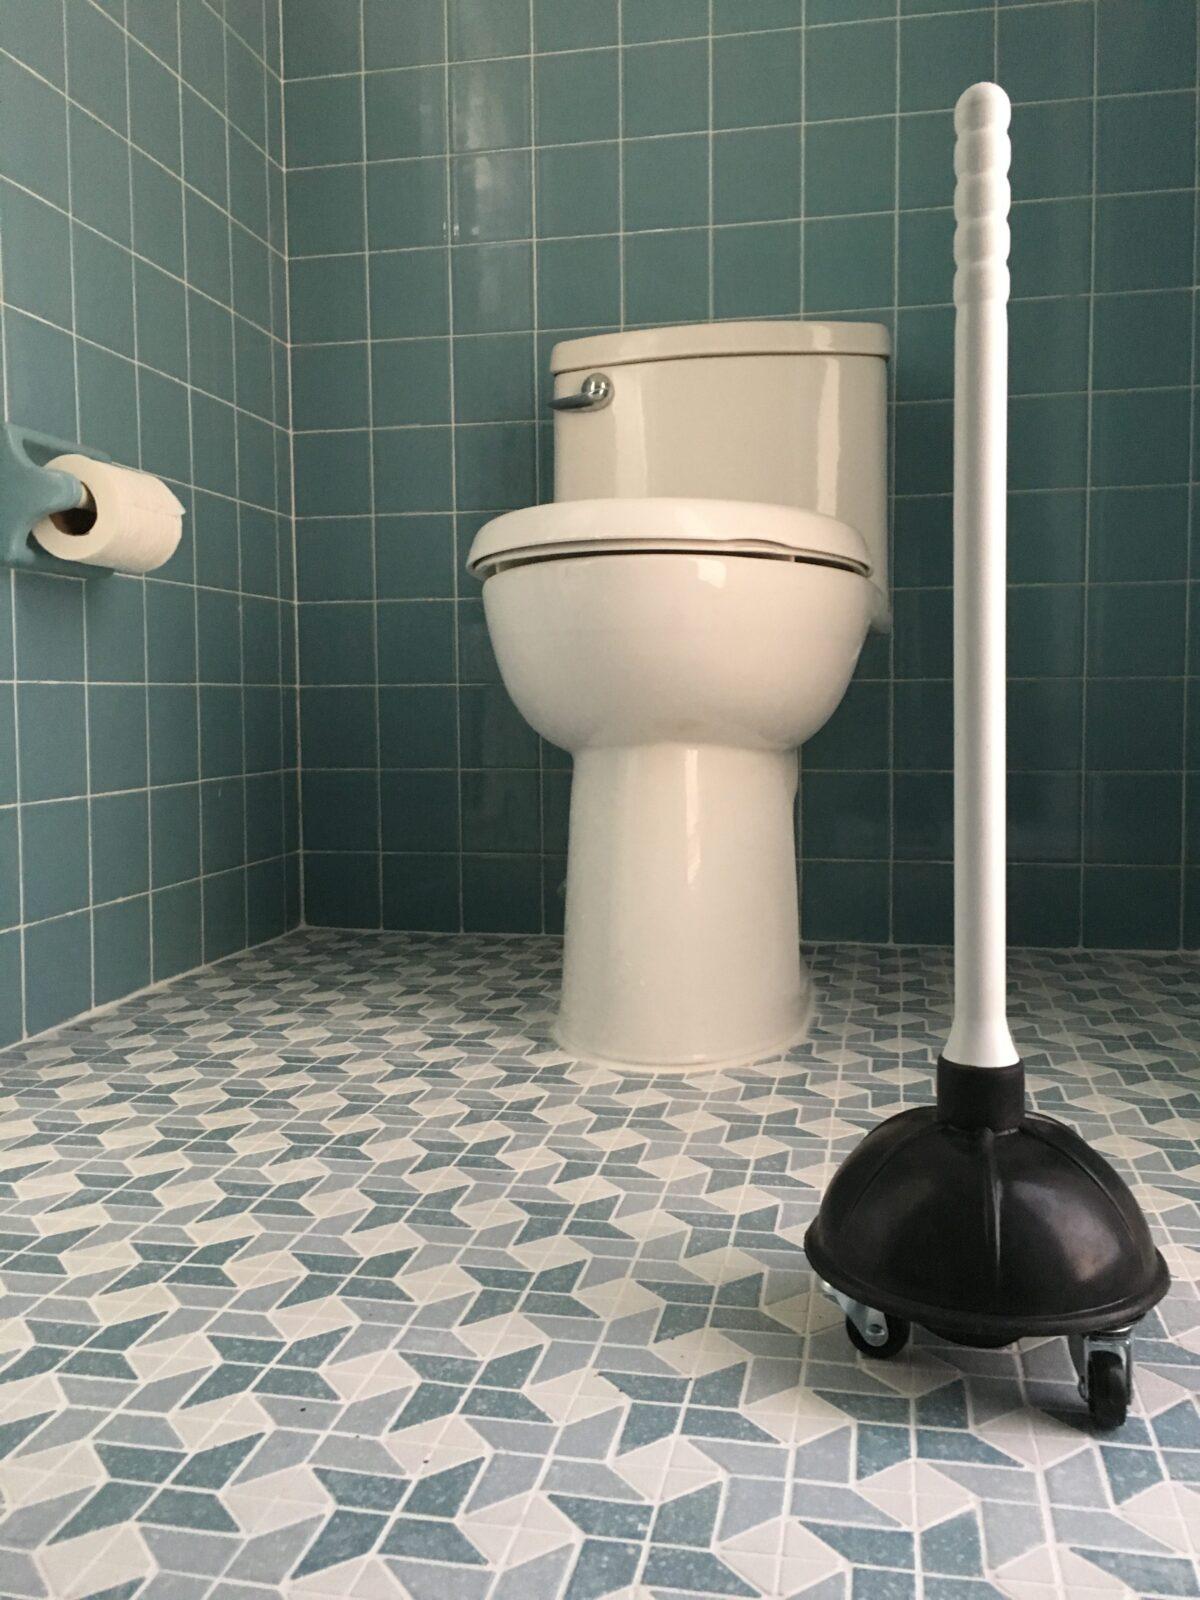 """Xavier Cortada, """"Solución para una revolución tupida,"""" toilet plunger on casters, limited edition of 3, 2016."""